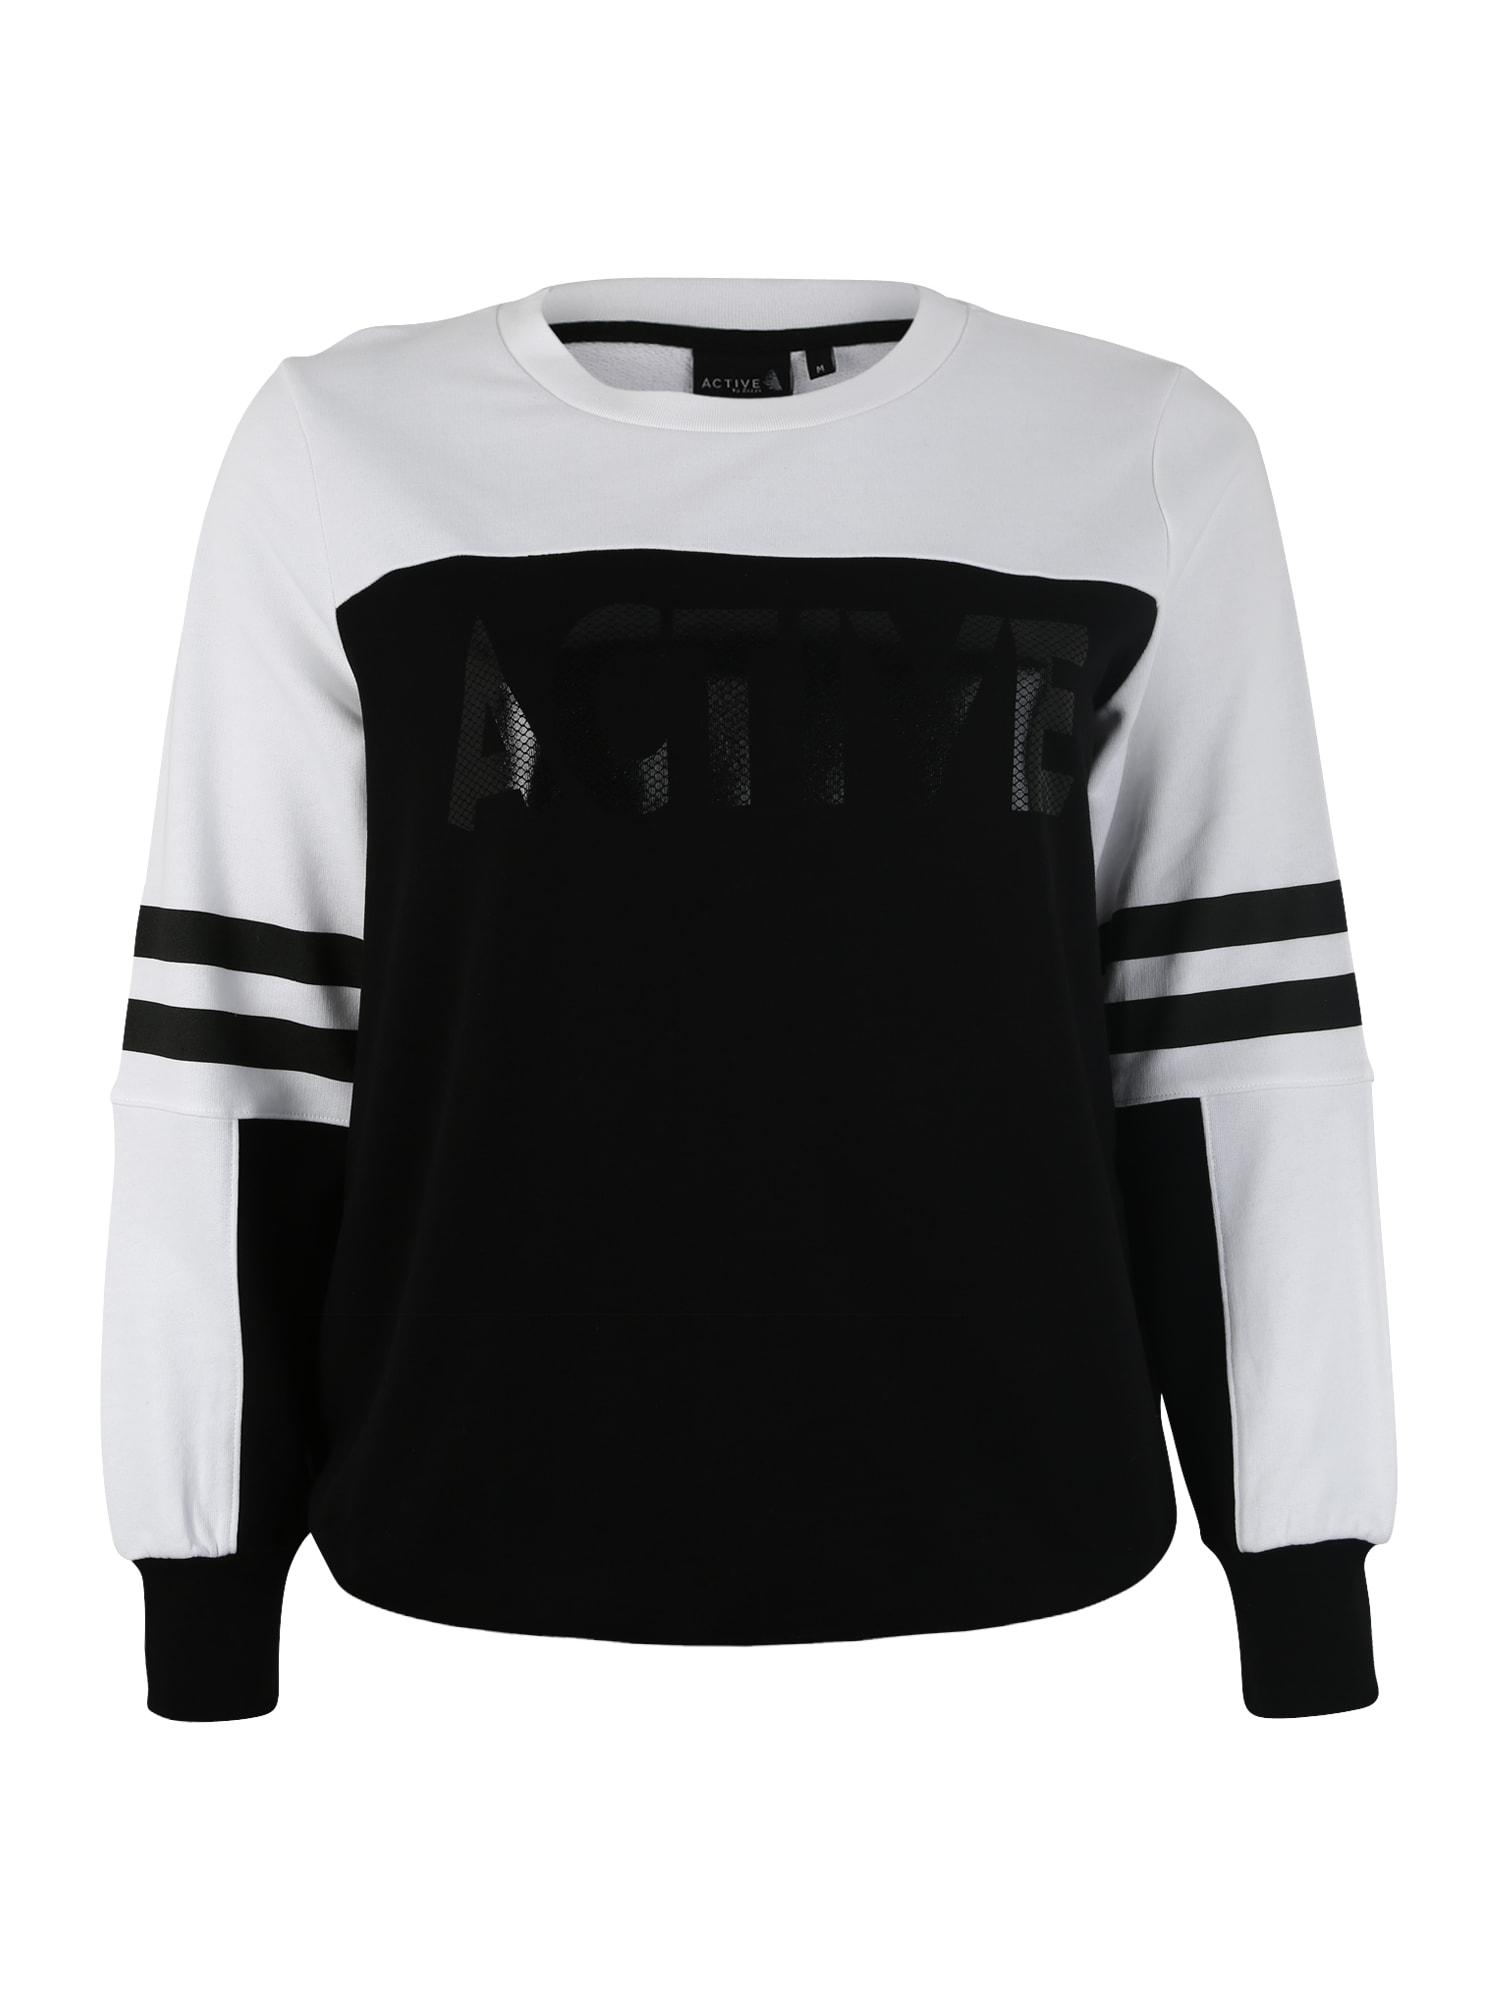 Sportovní mikina ACOLLEGE černá bílá Active By Zizzi